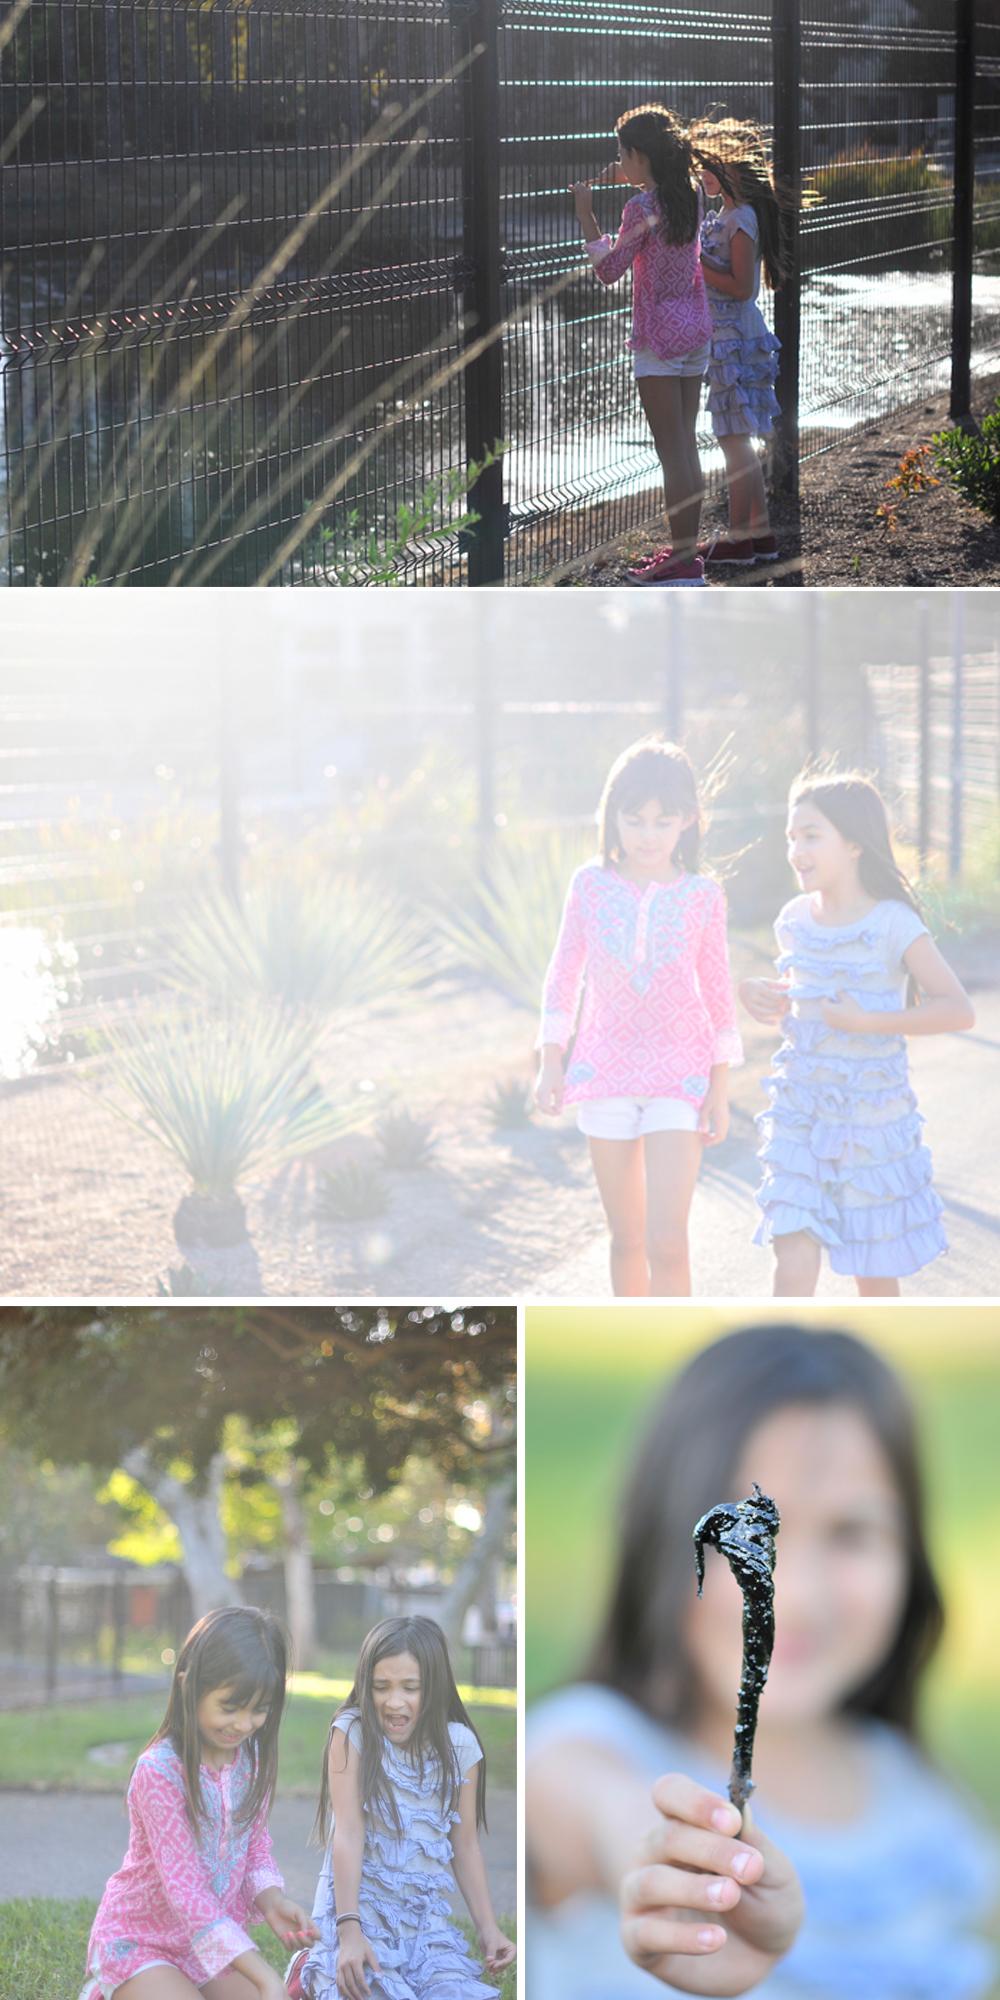 La-brea-tar-pits-kids-free-LA.jpg